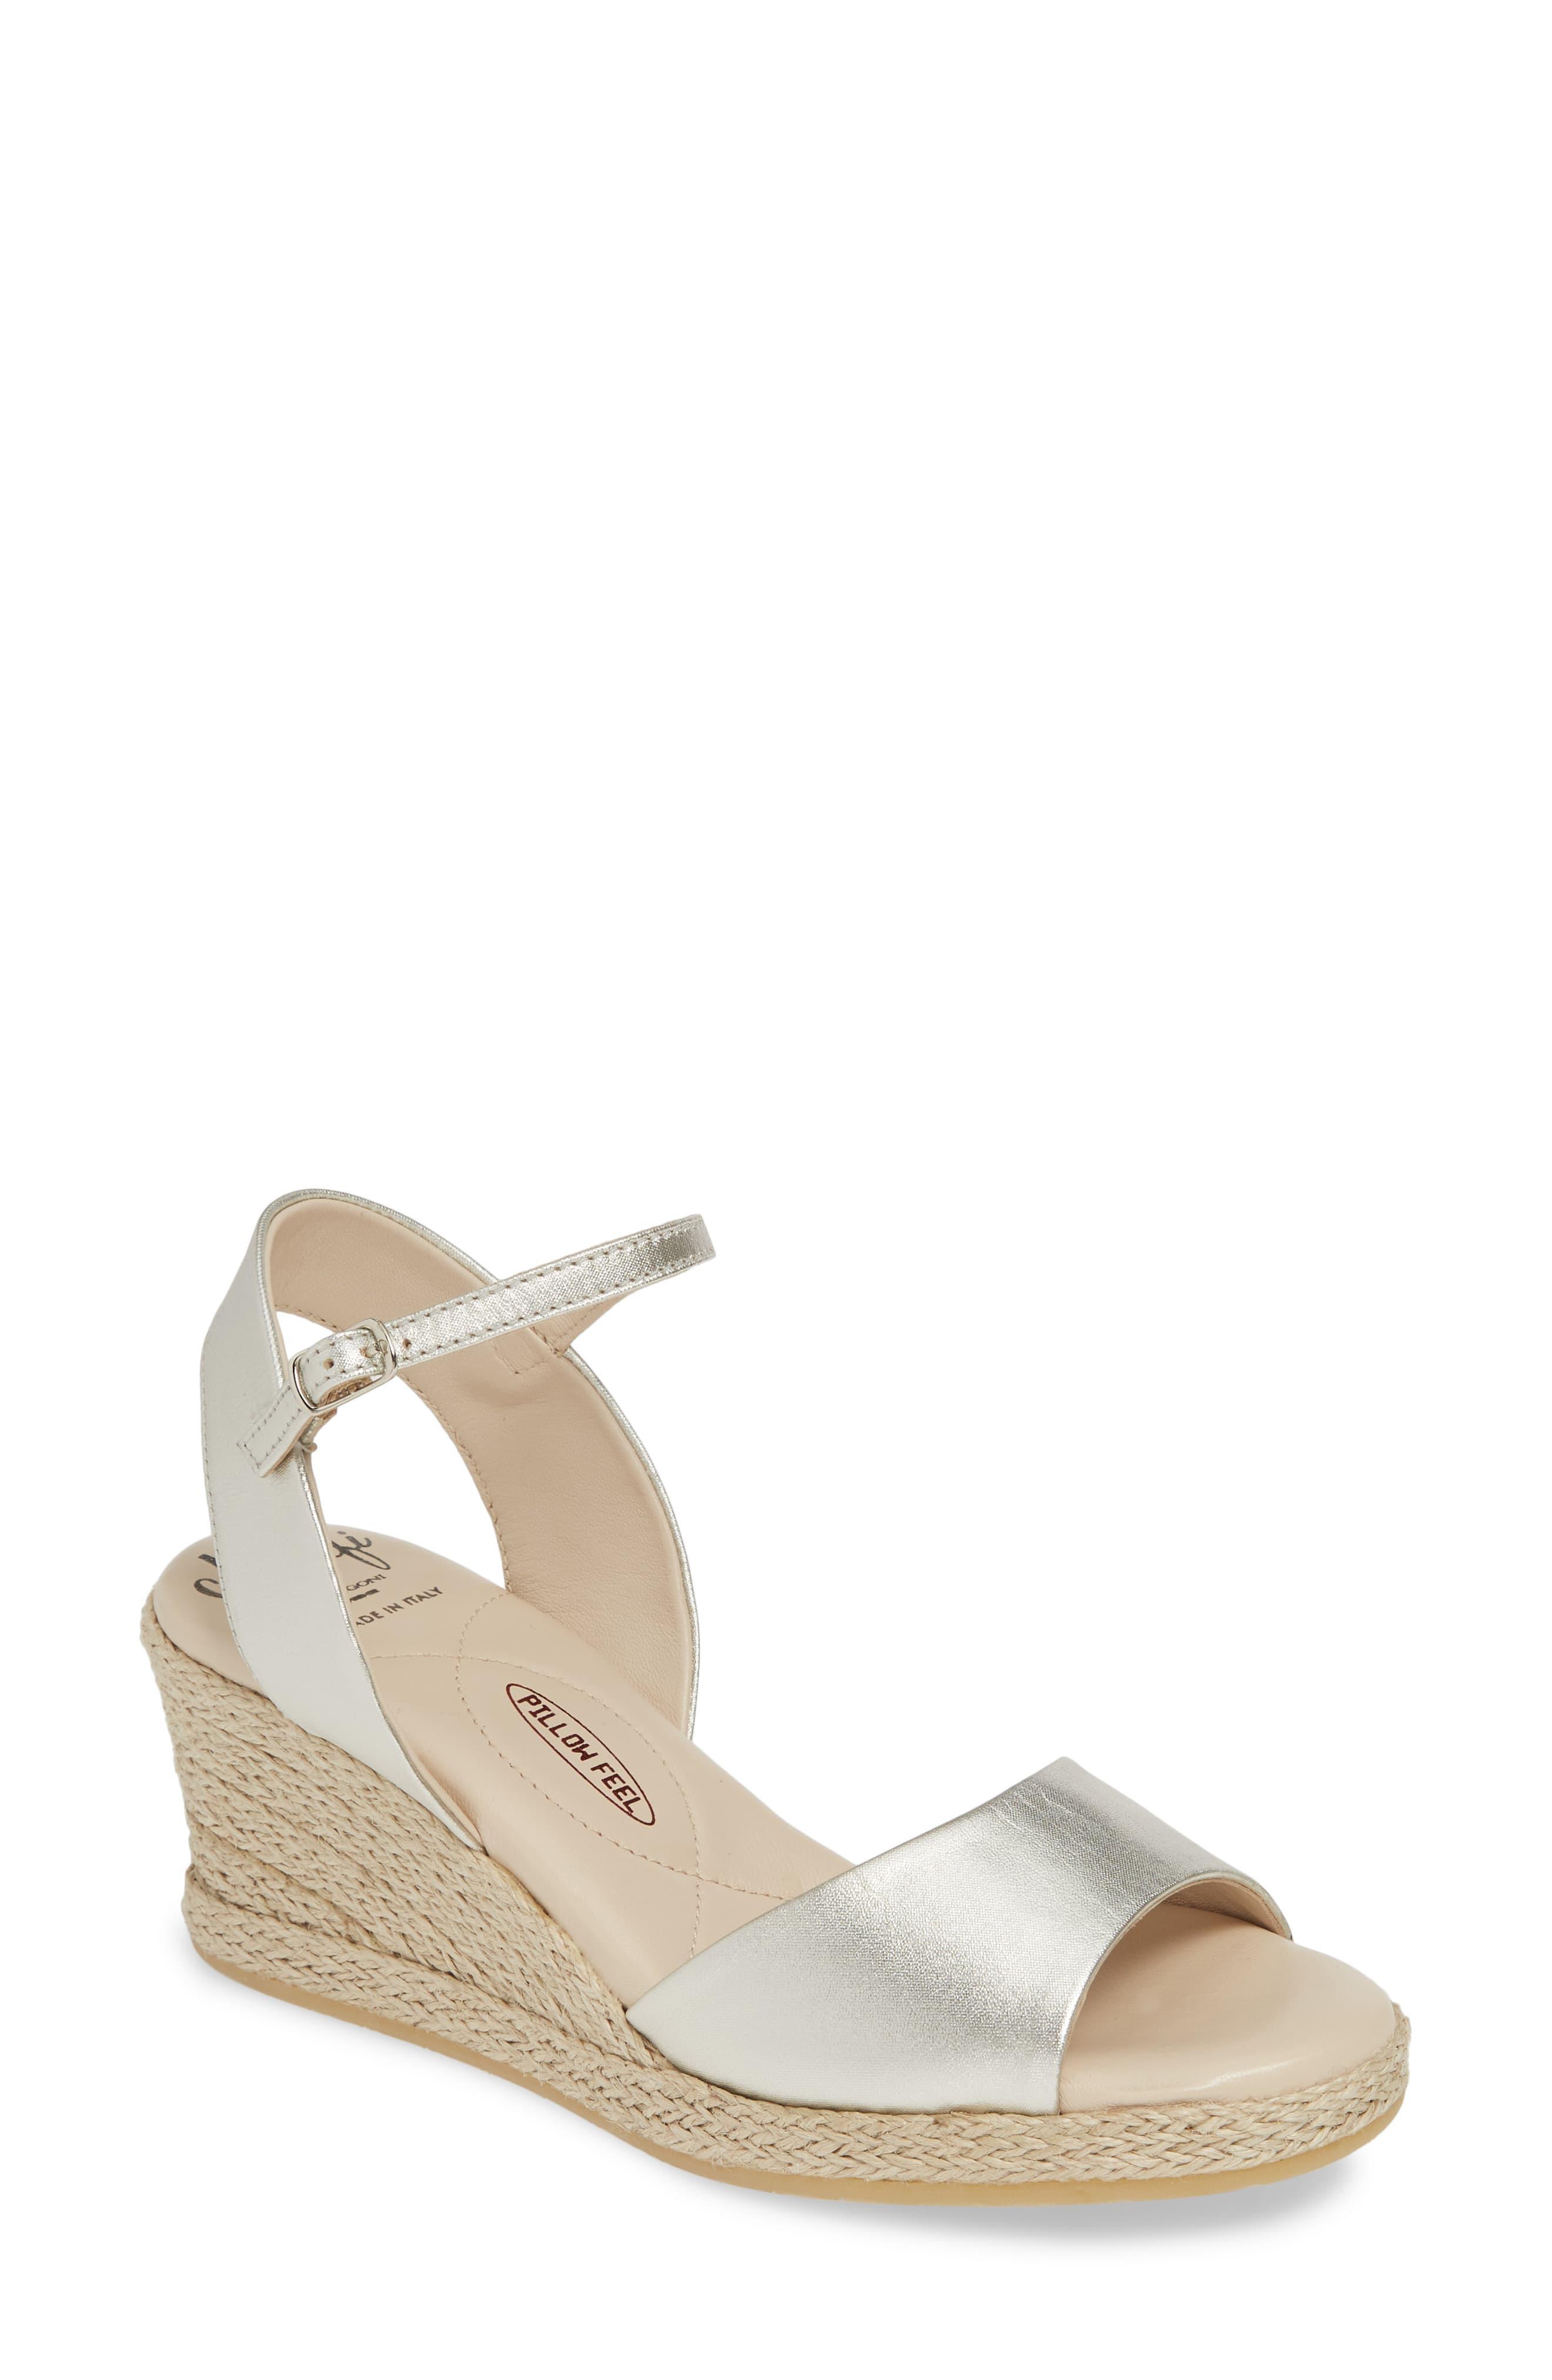 d0a07bde507 Lyst - Amalfi by Rangoni Leonardo (champagne Raso Nappa) Women's Shoes